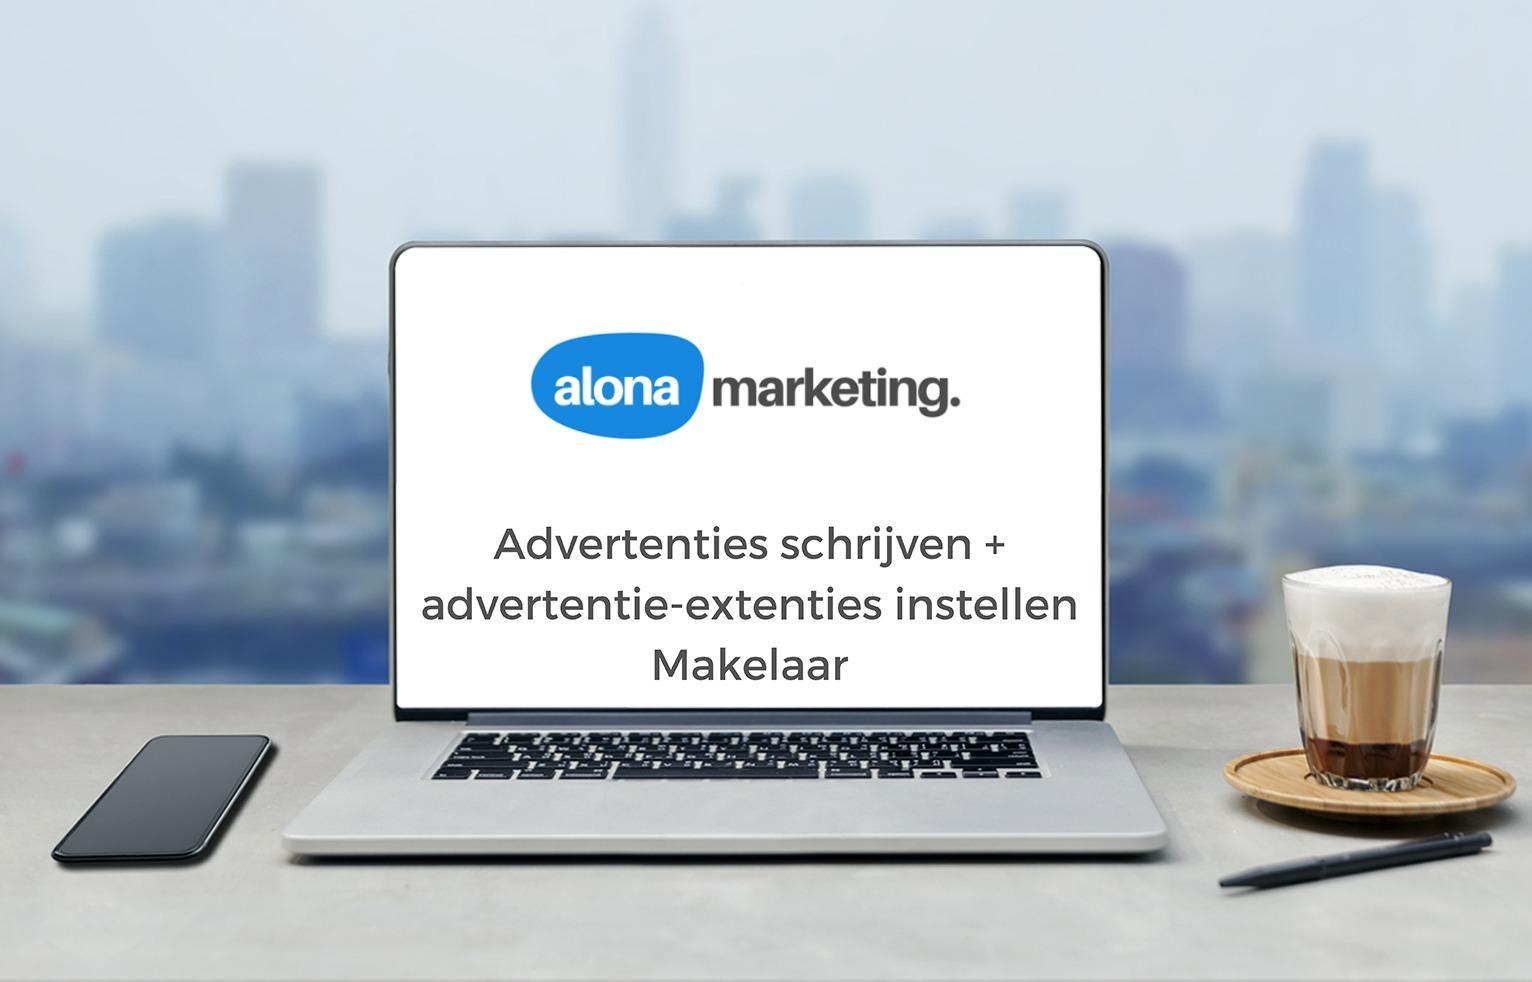 Advertenties schrijven + extensies instellen Makelaar